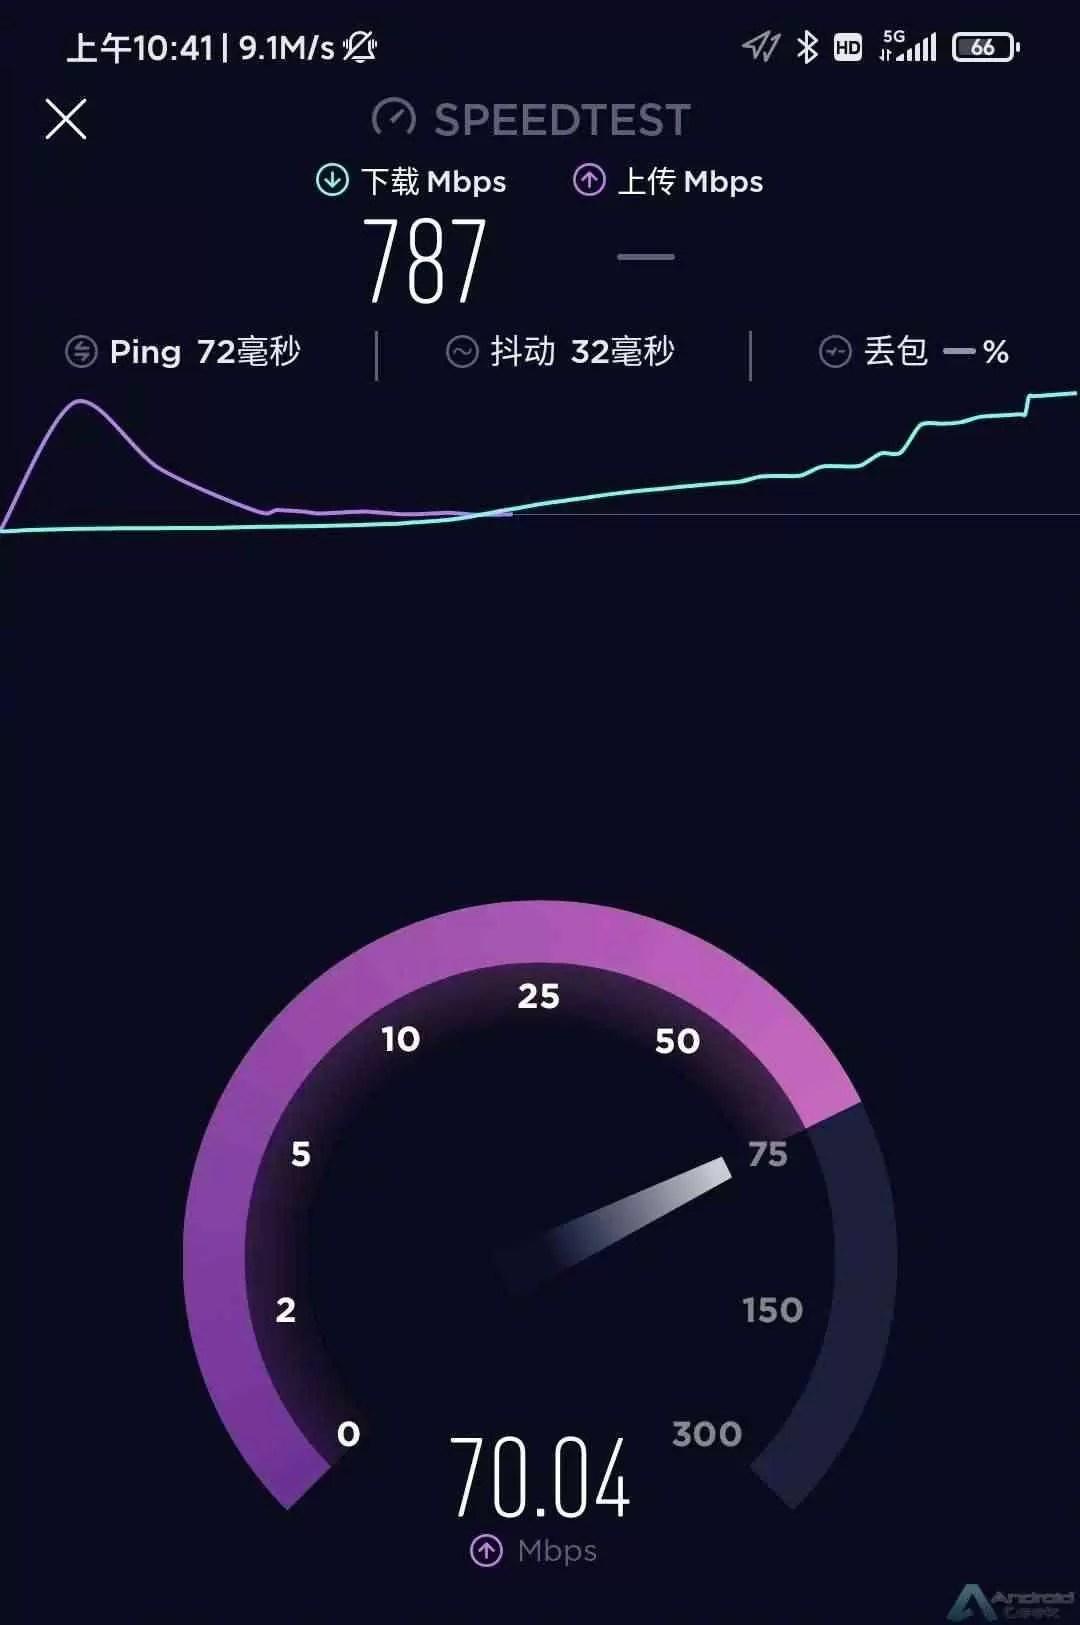 Xiaomi alcançou uma velocidade de download 5G de 787 Mbps na China 1